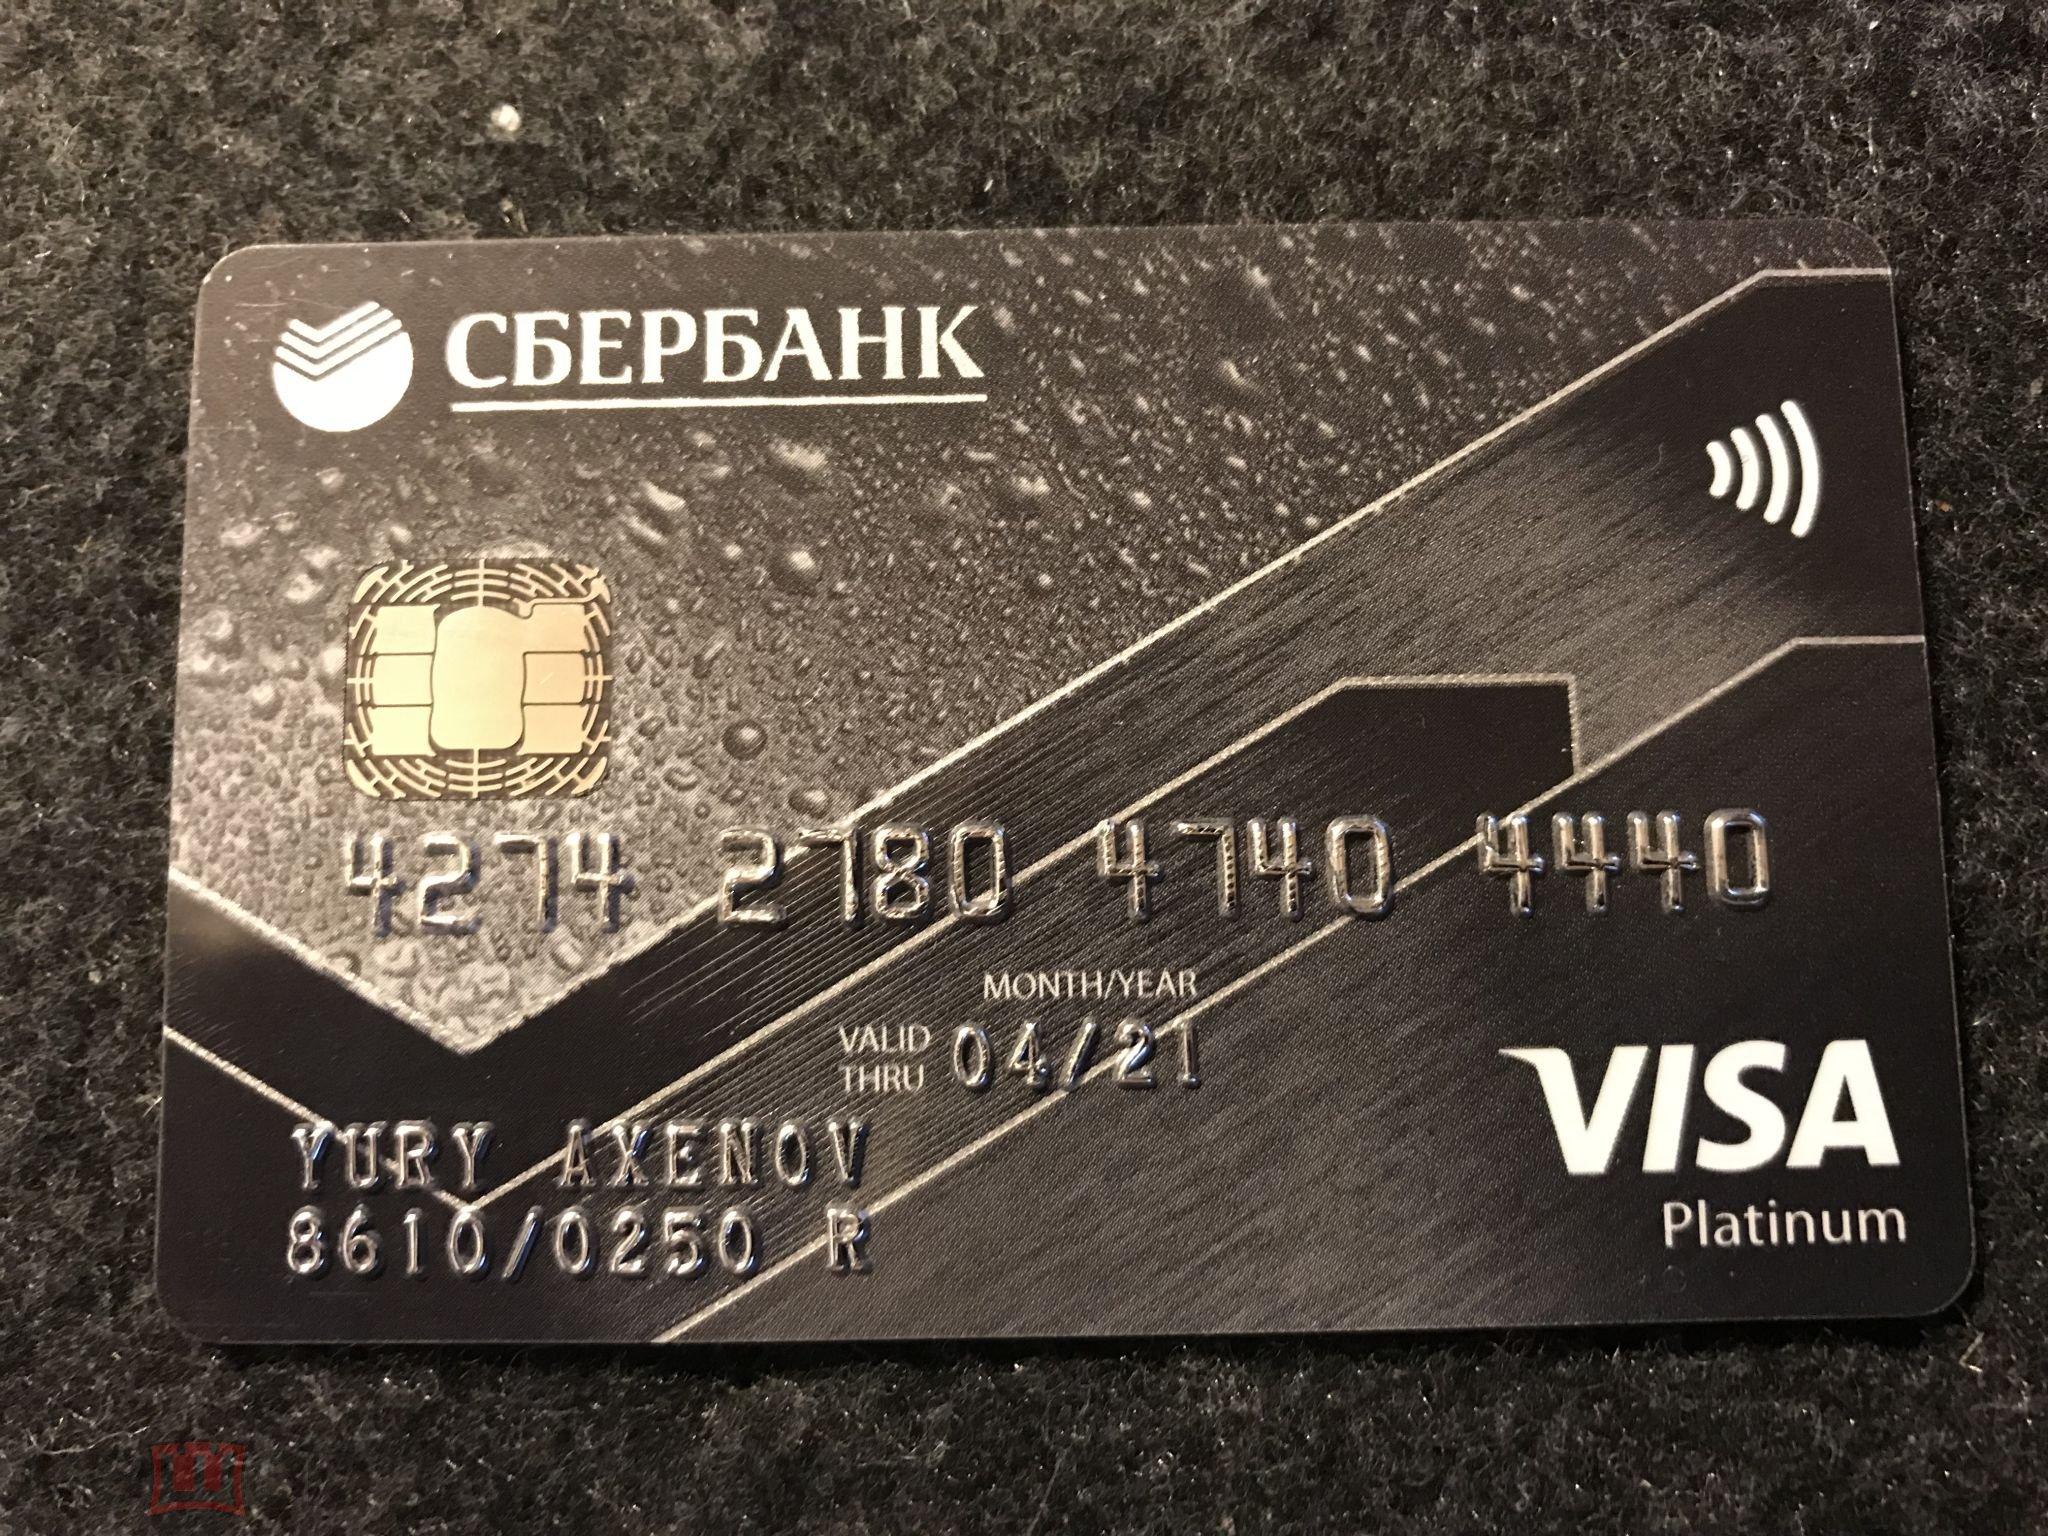 Втб банк набережные челны кредит